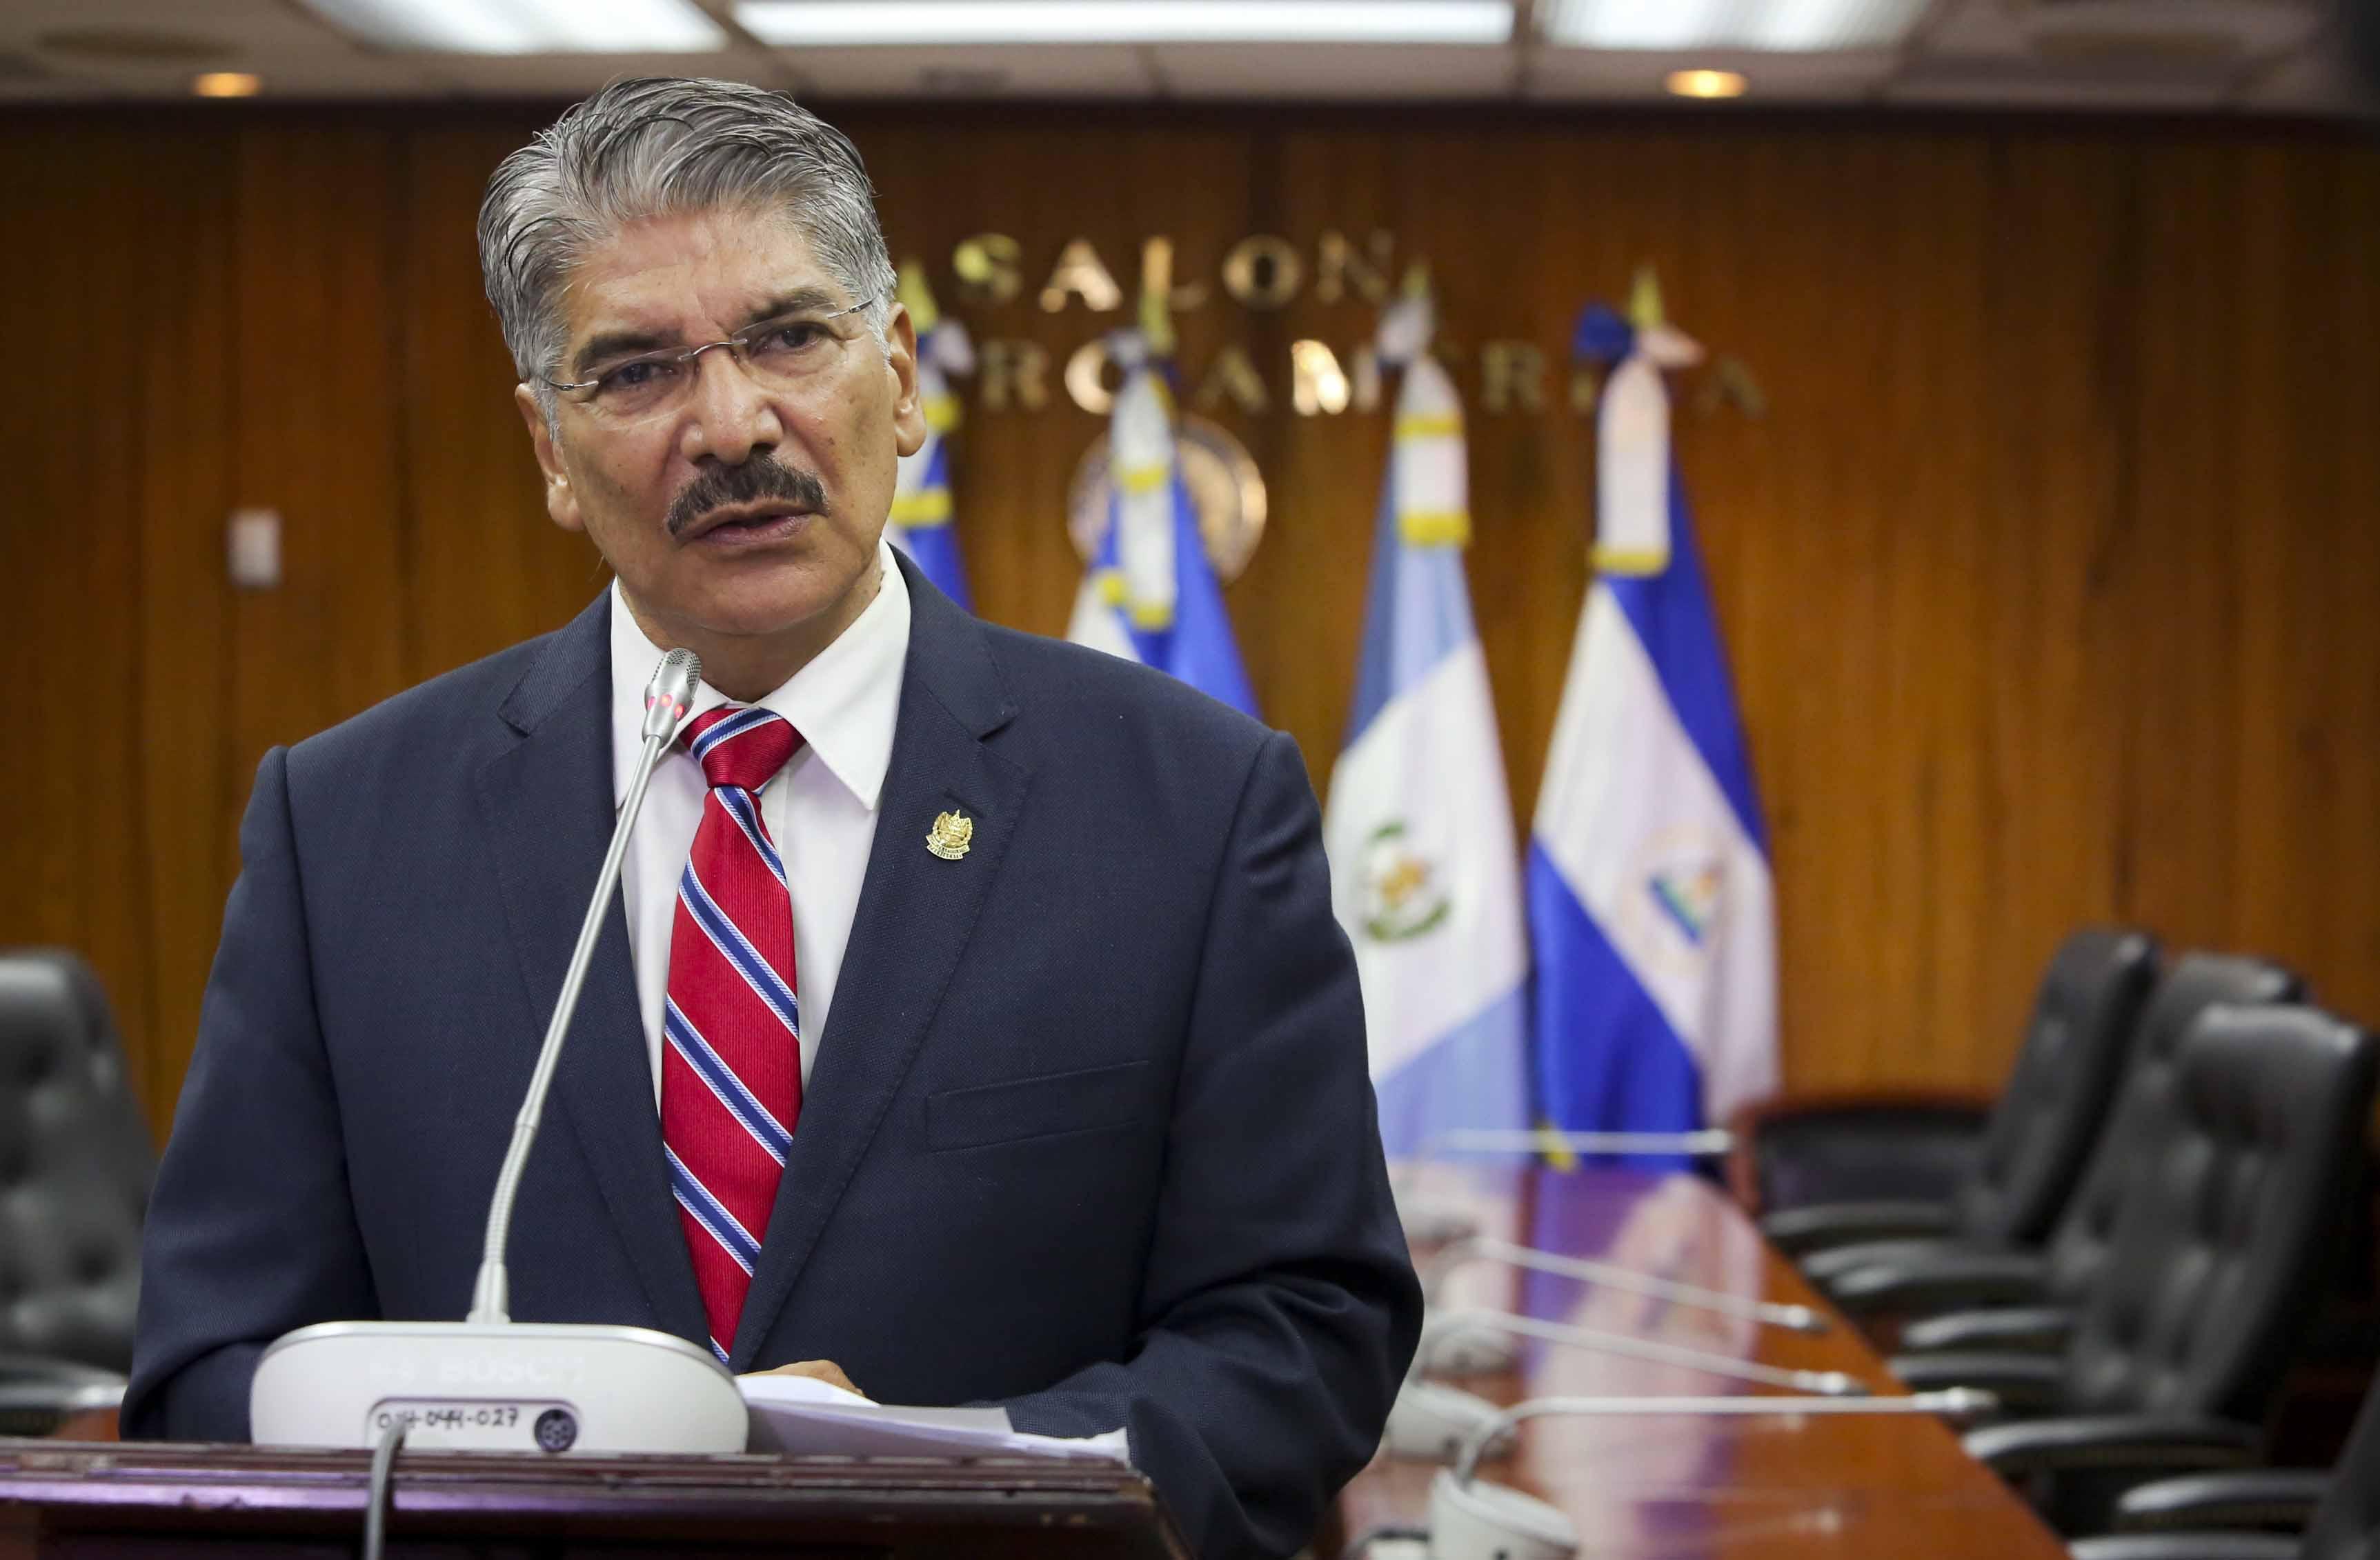 Presidente de la Asamblea Legislativa lamenta decisión del gobierno de El Salvador de romper relaciones diplomáticas con China-Taiwán